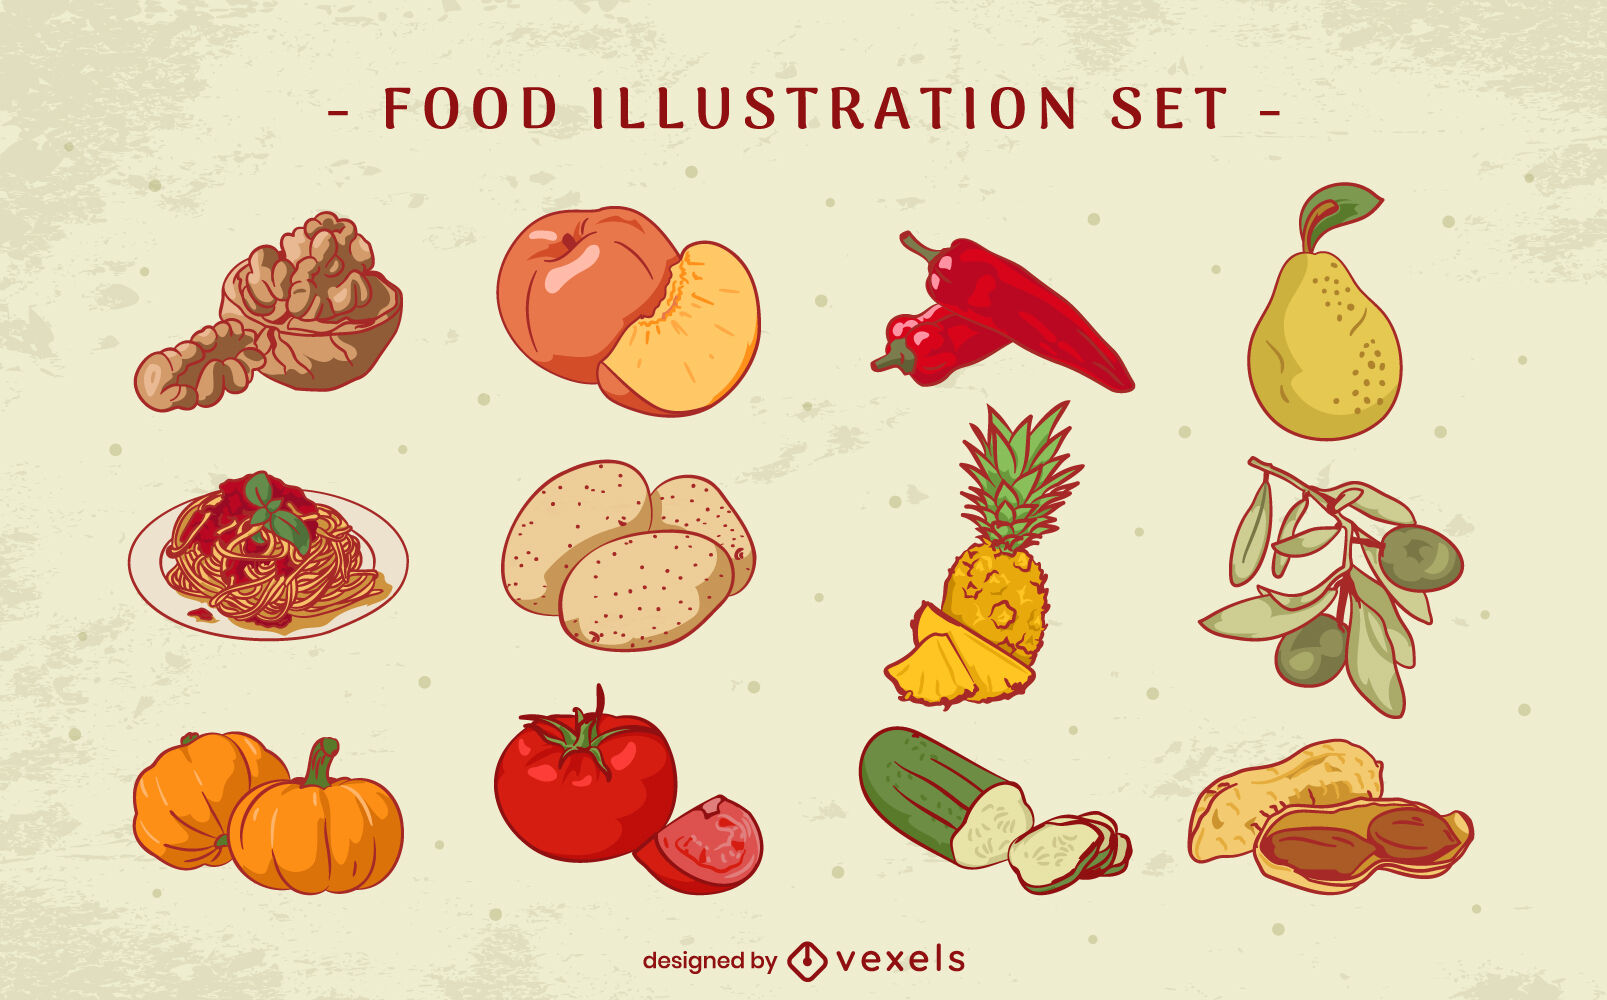 Illustrationsset für Lebensmittelelemente und -zutaten